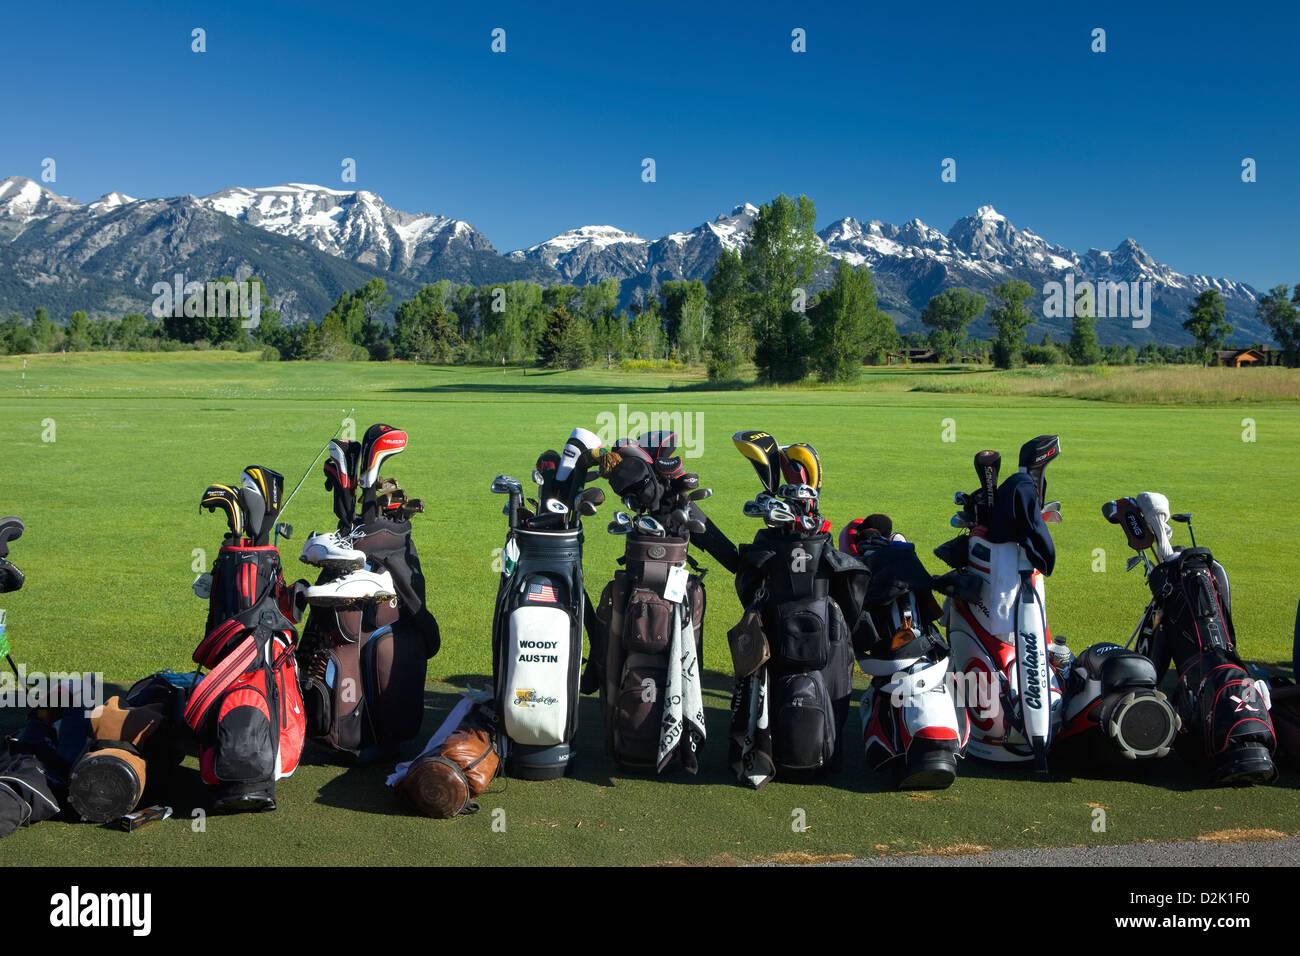 WY00228-00...WYOMING - la chaîne Teton dans l'arrière-plan de la Jackson Hole Golf et Club de Tennis. Photo Stock